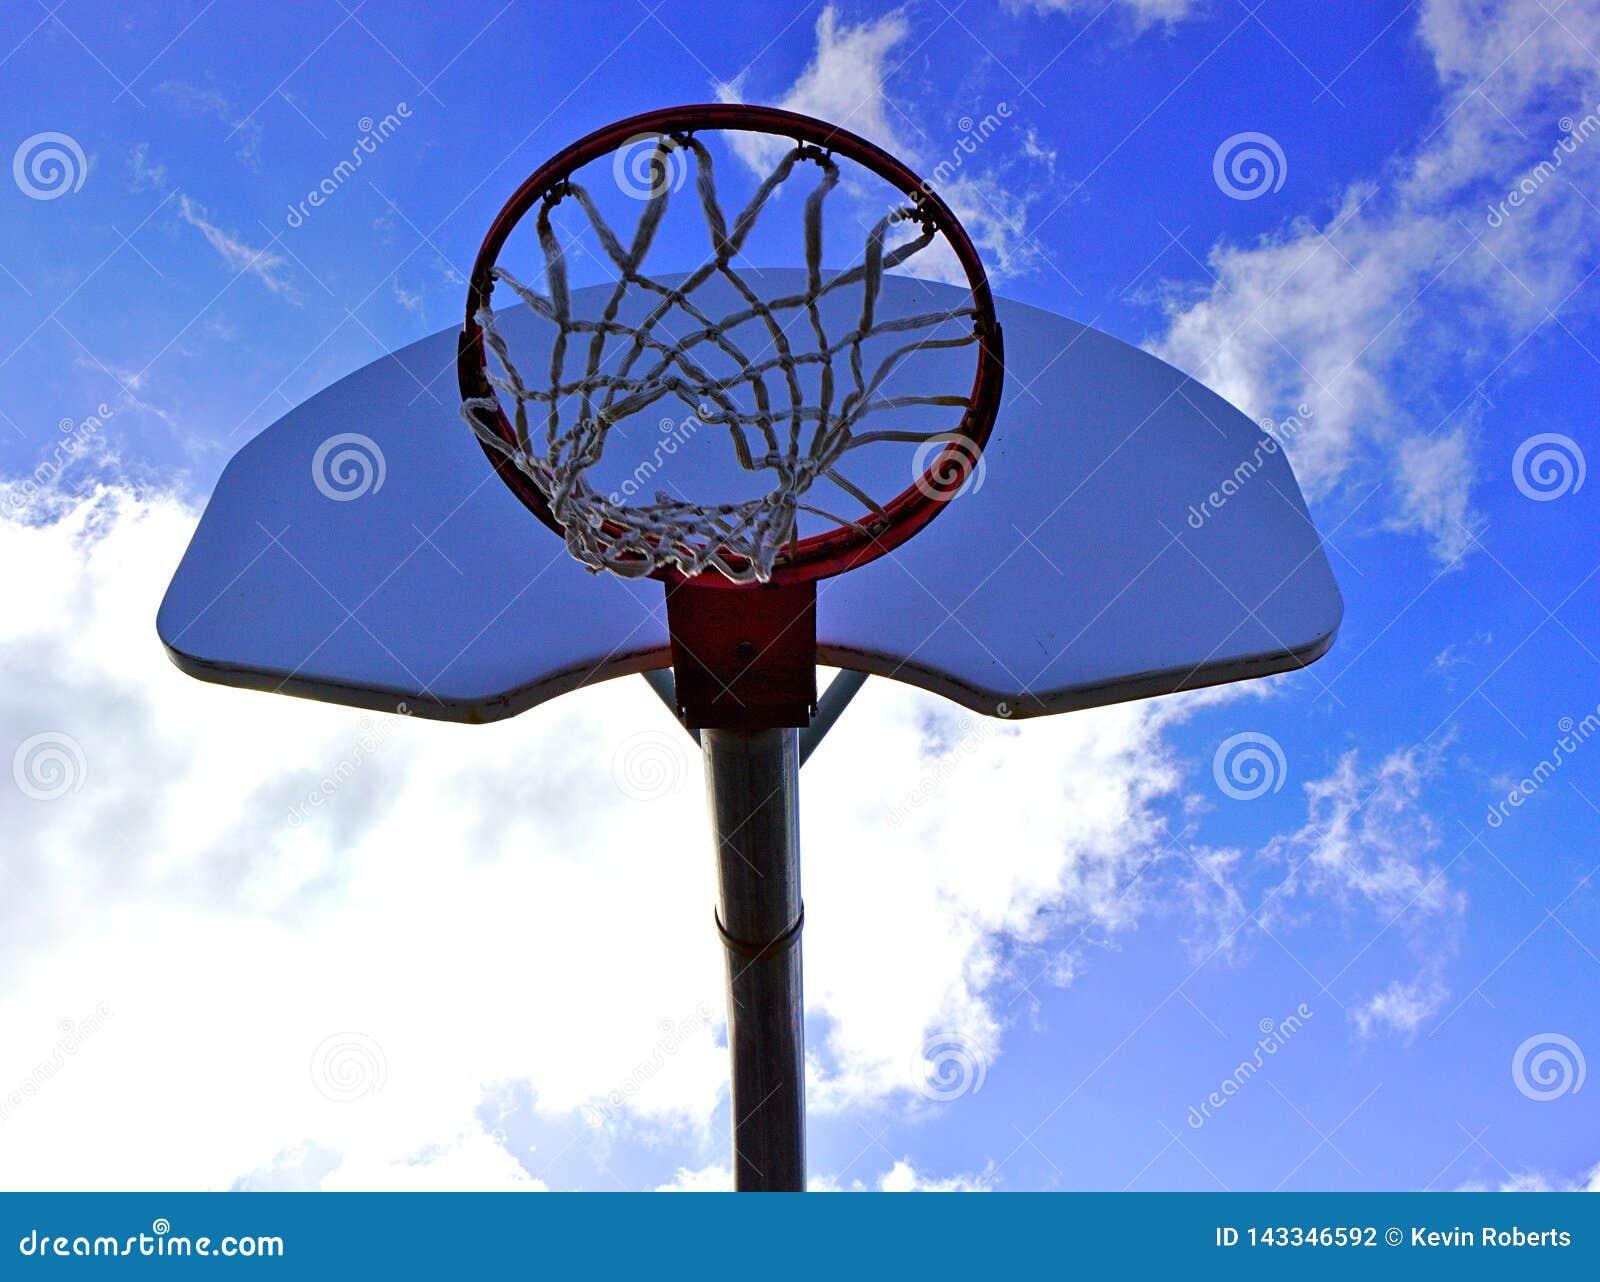 Red del baloncesto y cielo azul